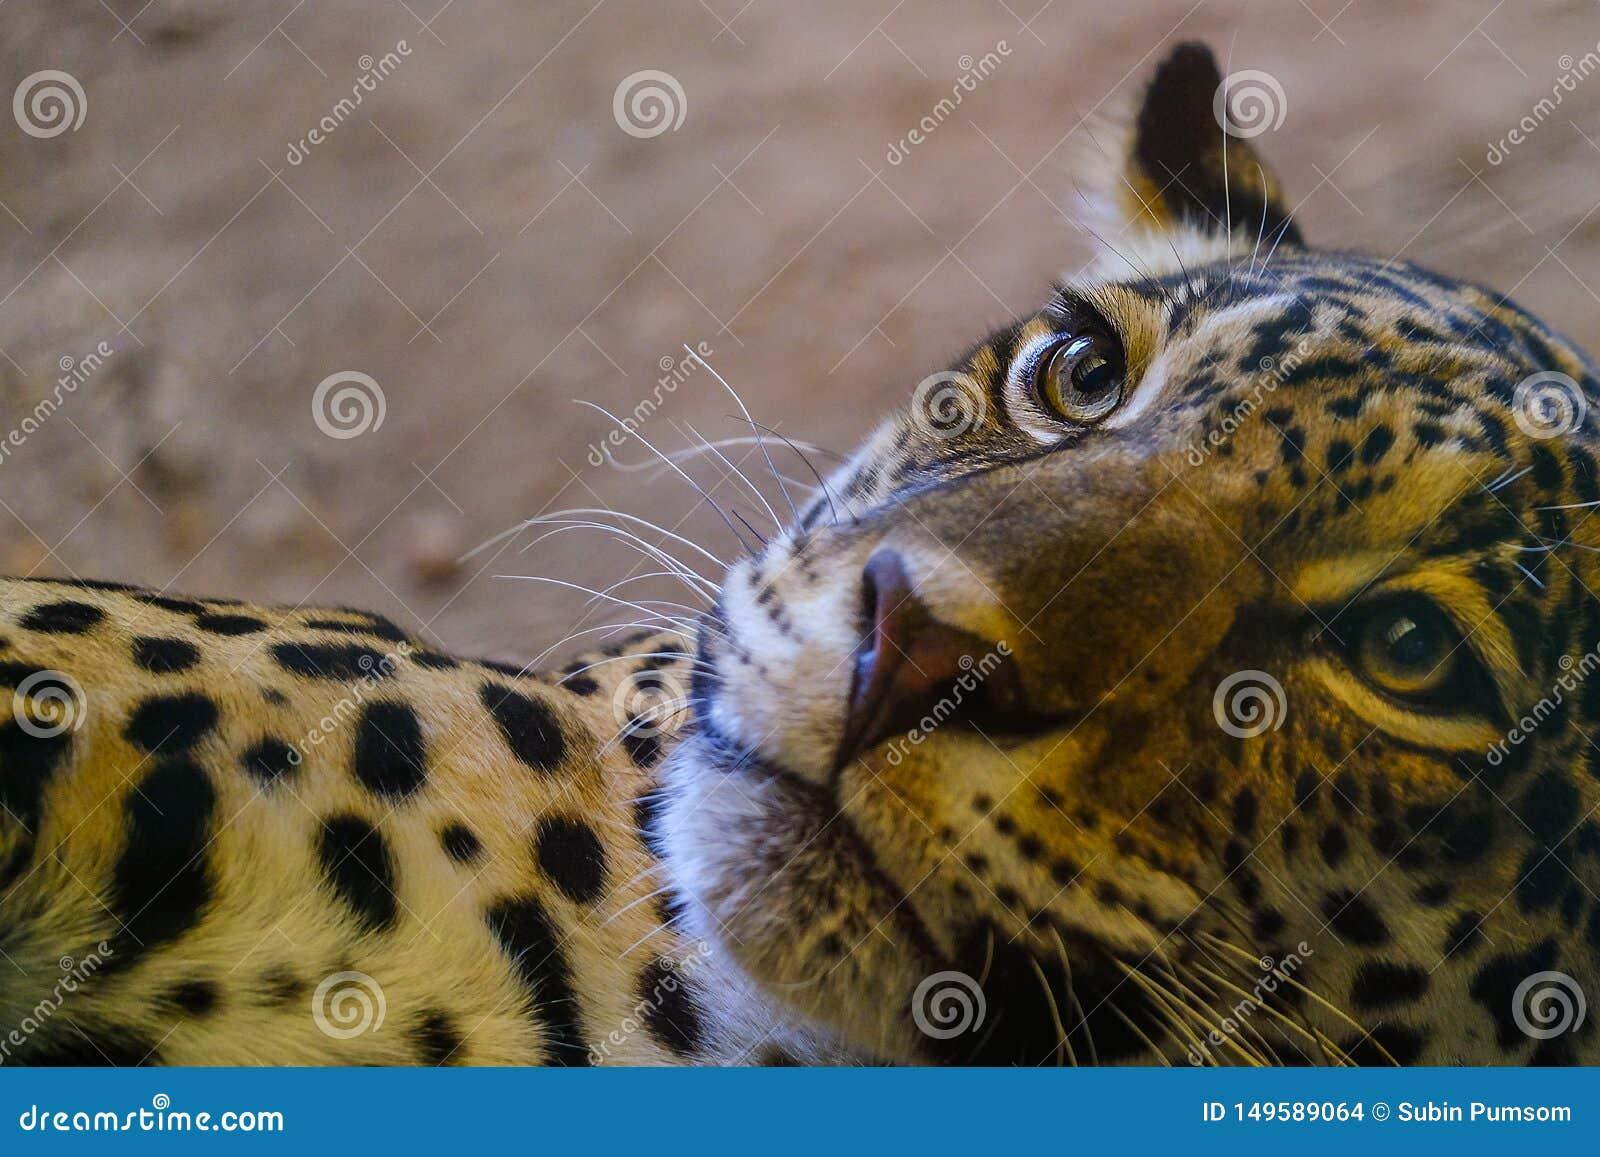 De luipaardogen zien eruit